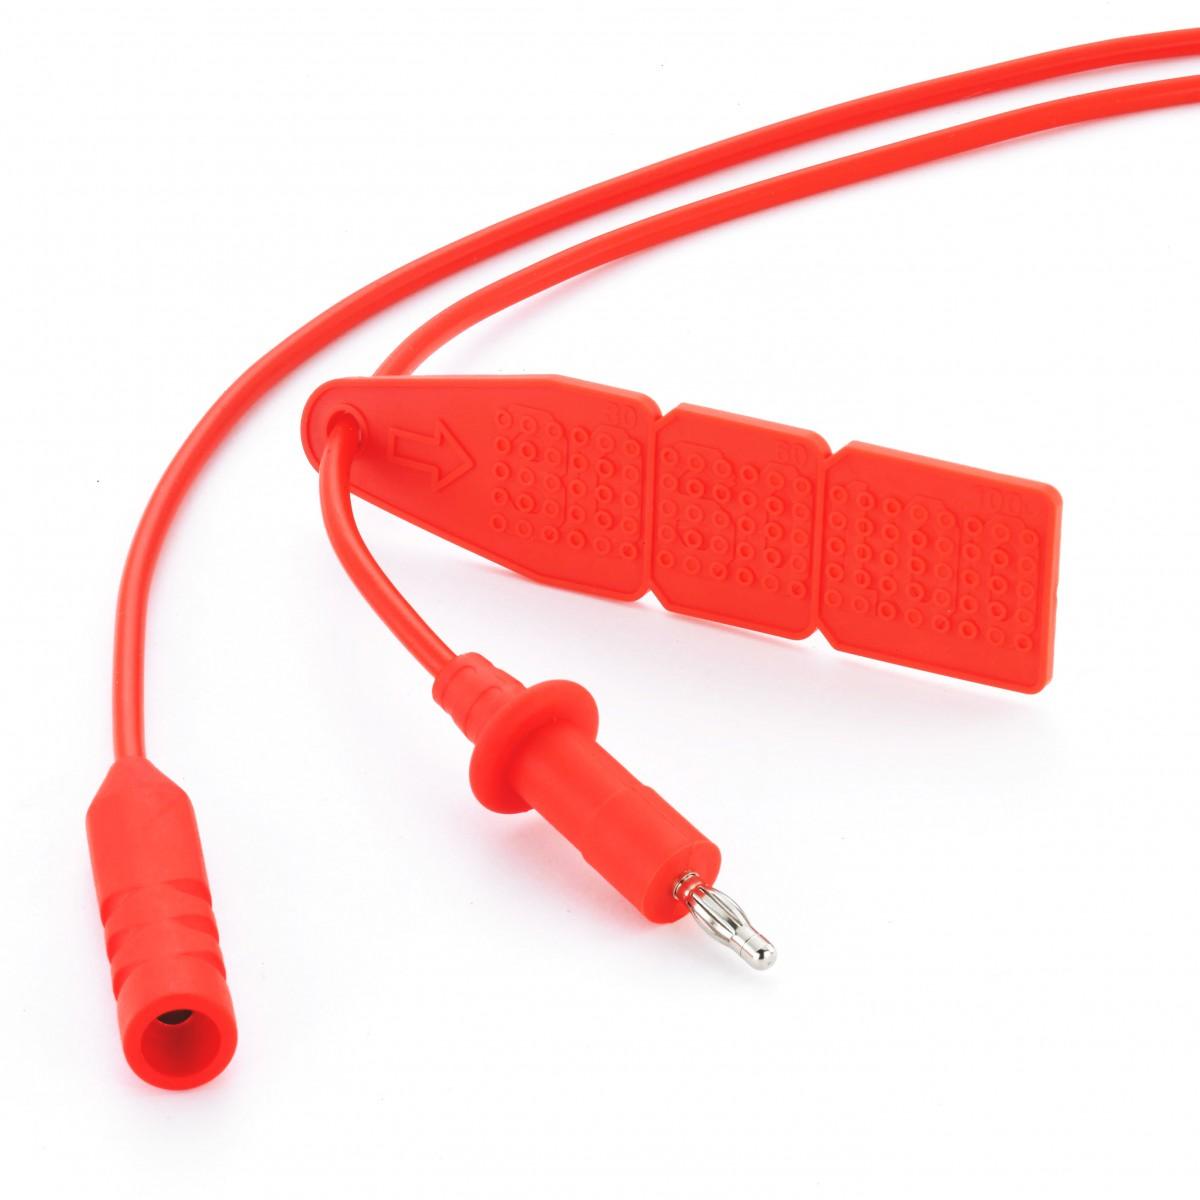 Reusable Monopolar Cable, 4mm Banana Plug + 4.0mm/4.8mm Socket